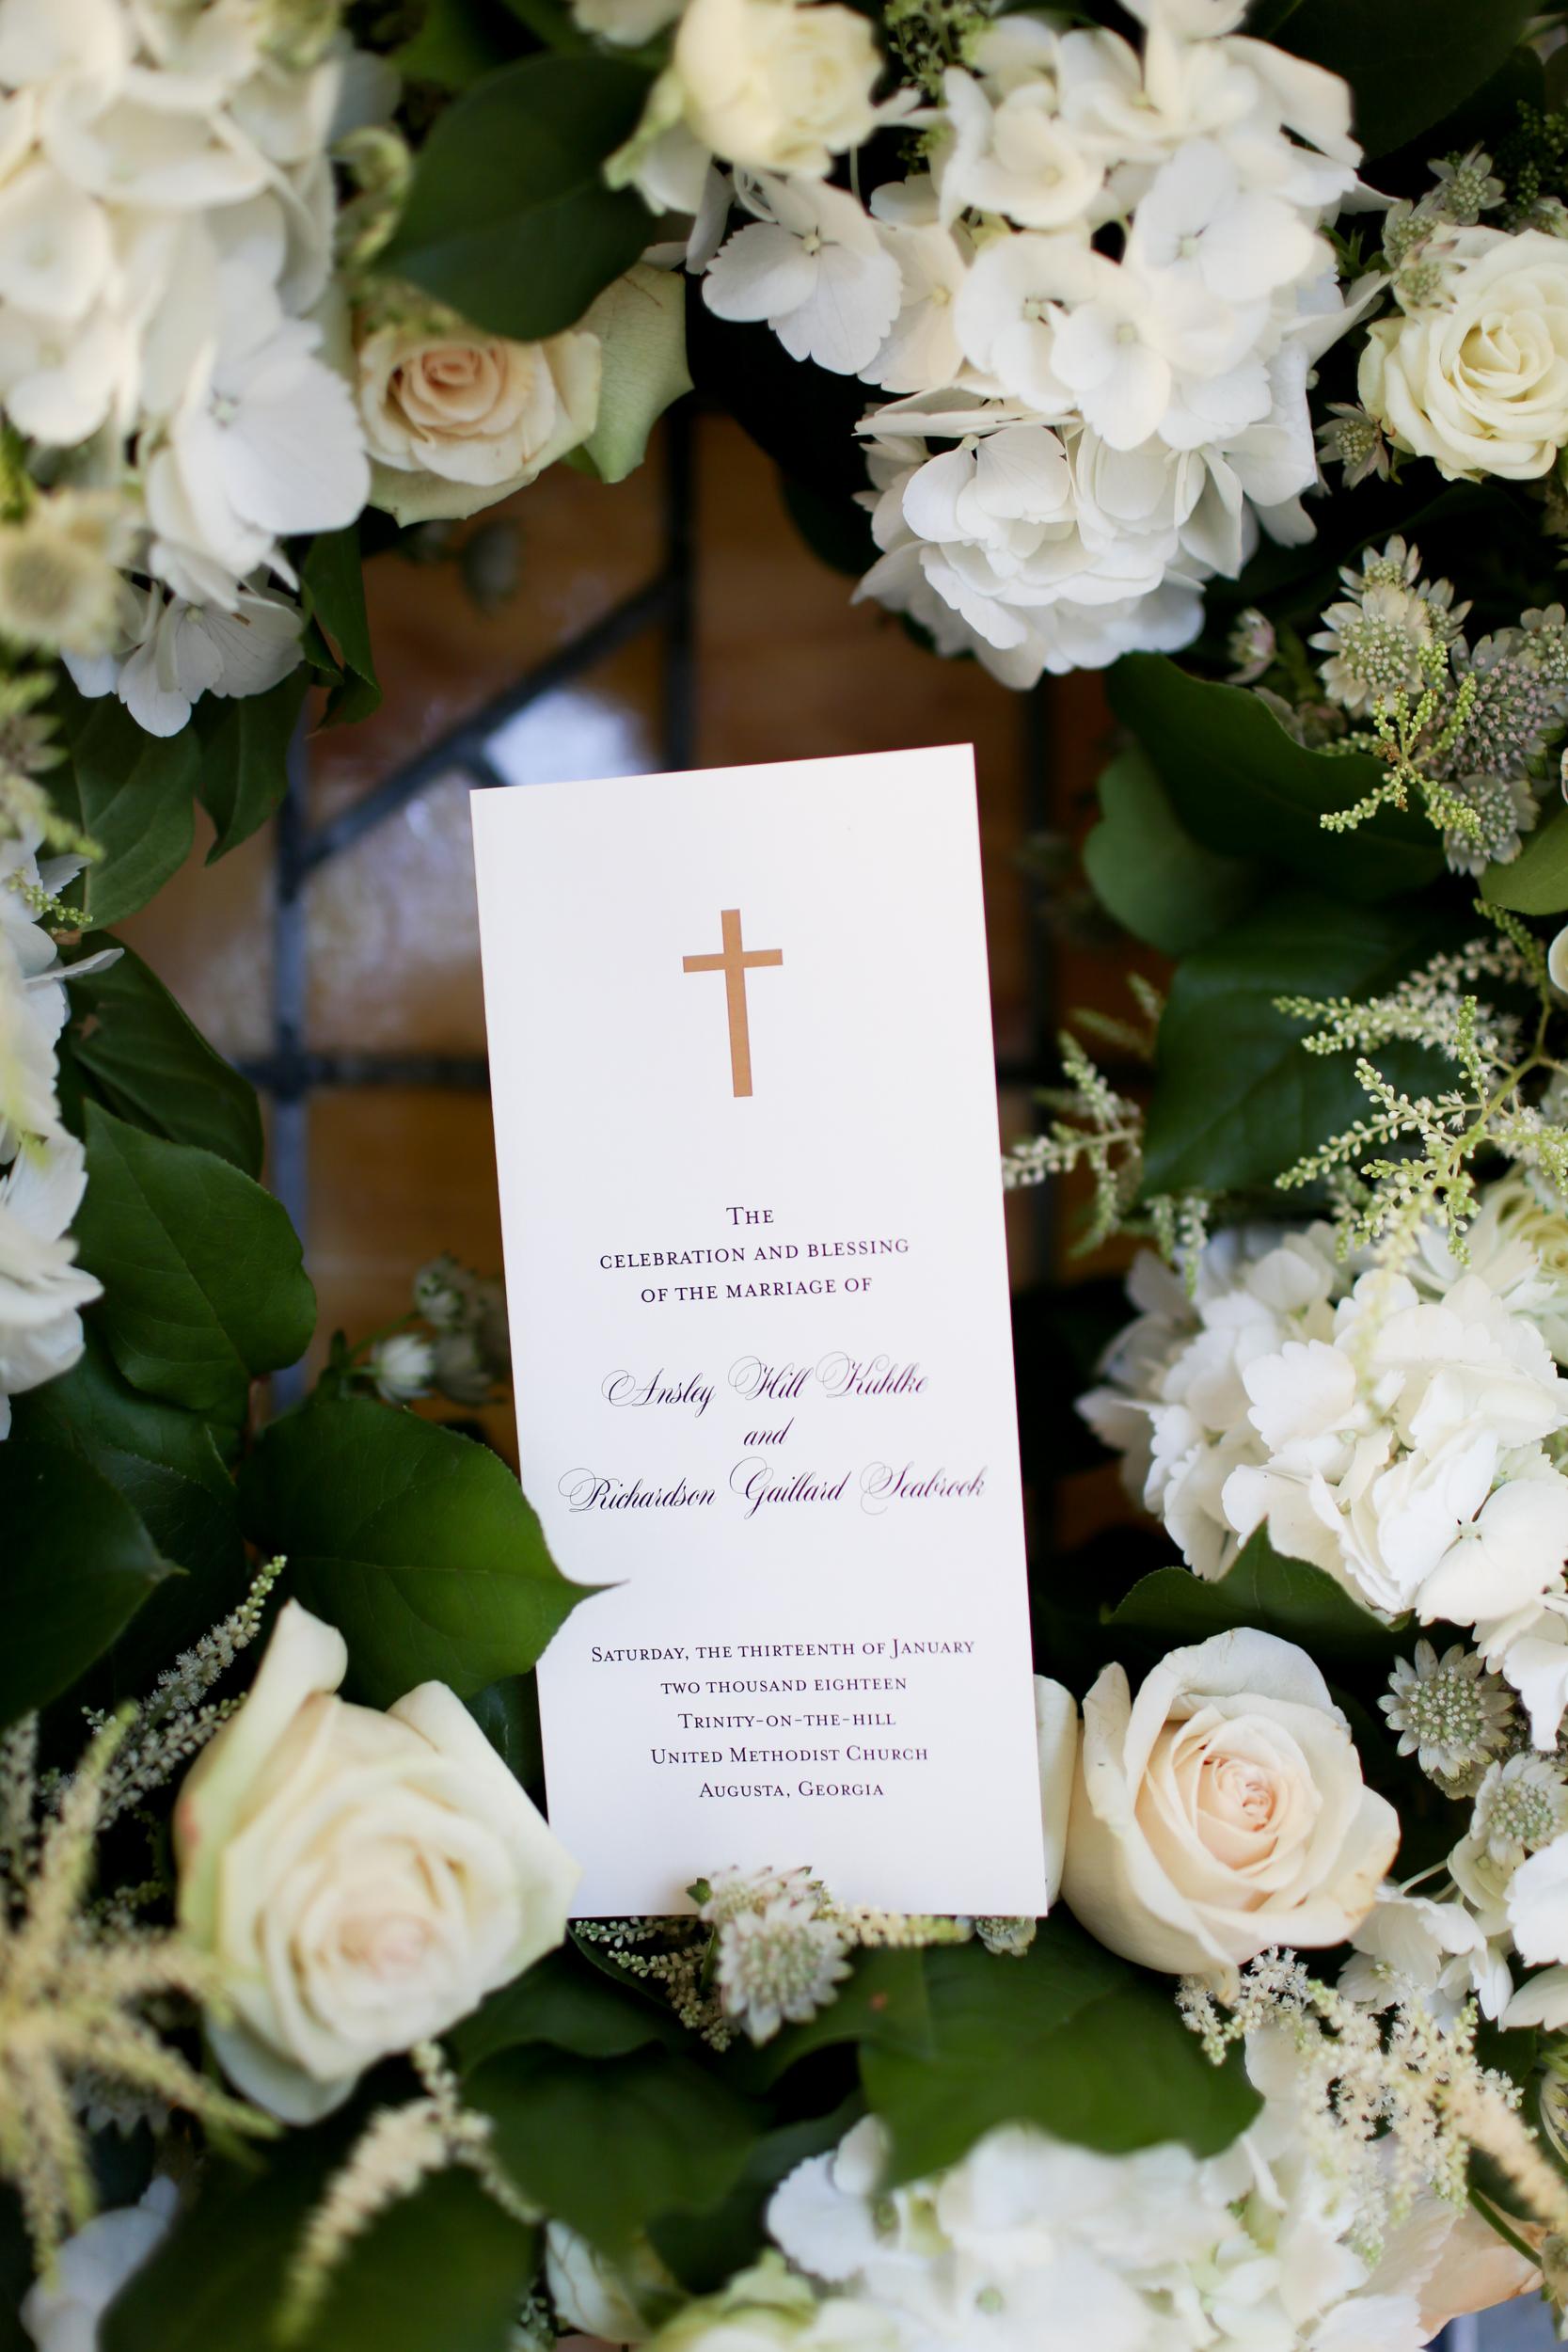 Kuhlke_wedding-15.jpg